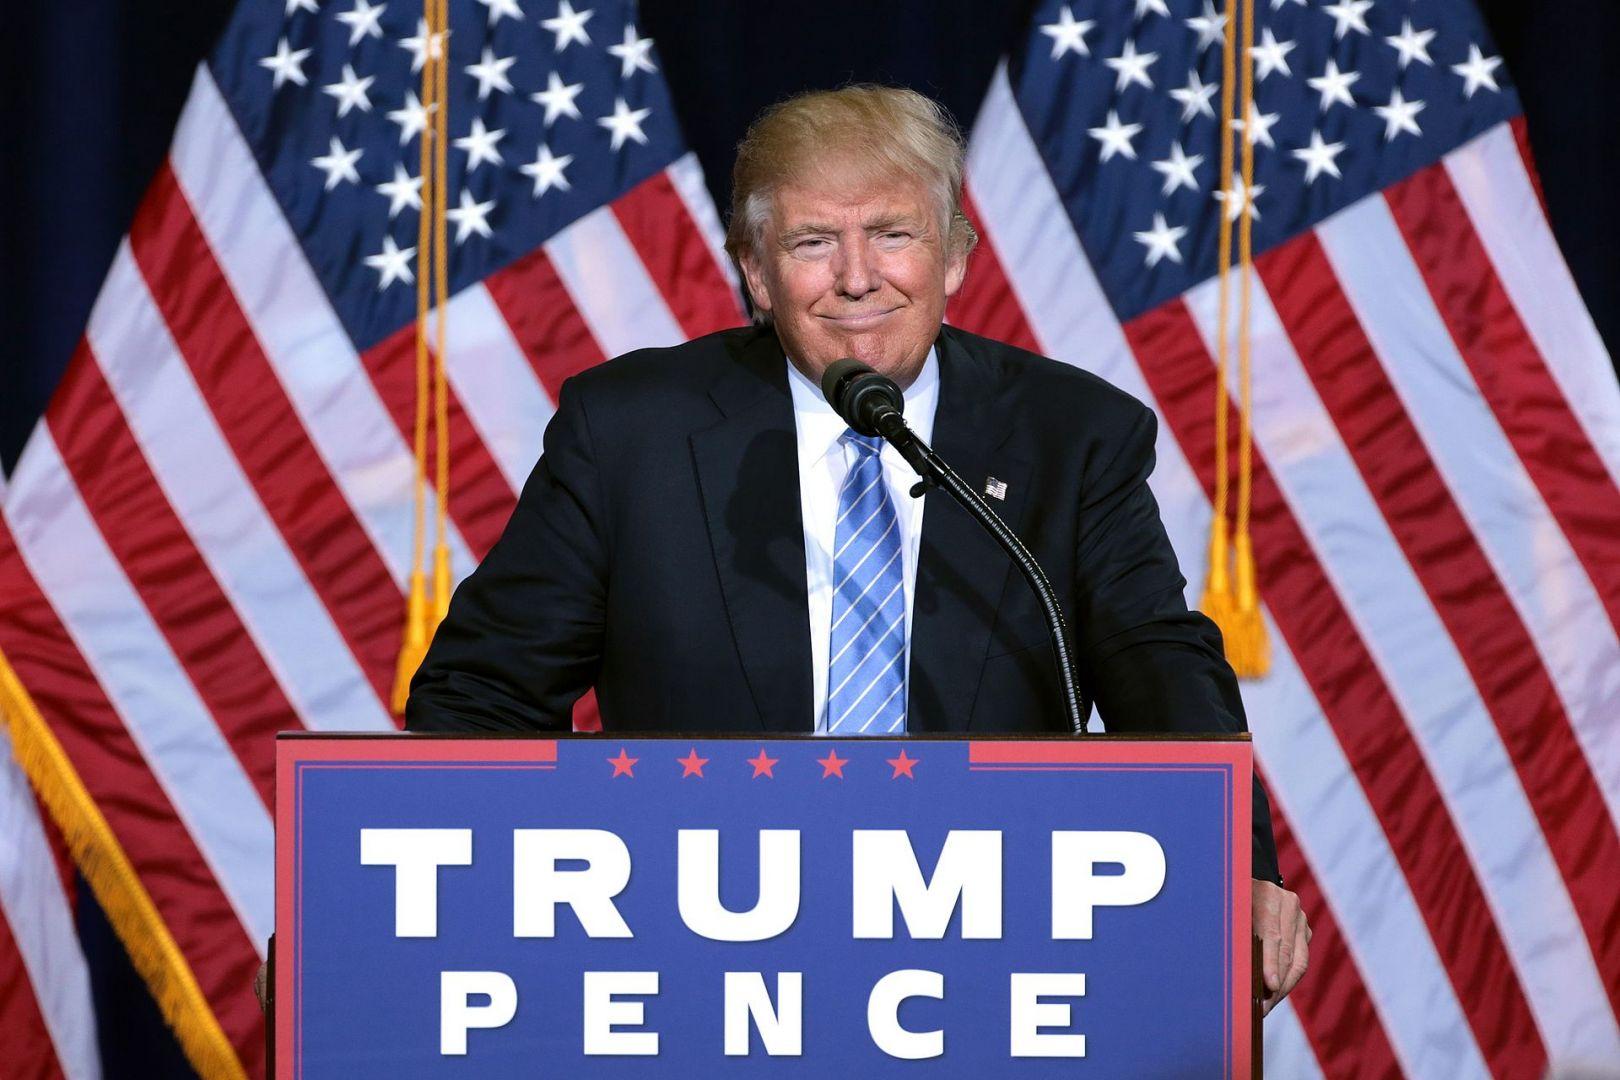 Трамп прокомментировал результаты расследования его предполагаемых связей сРоссией